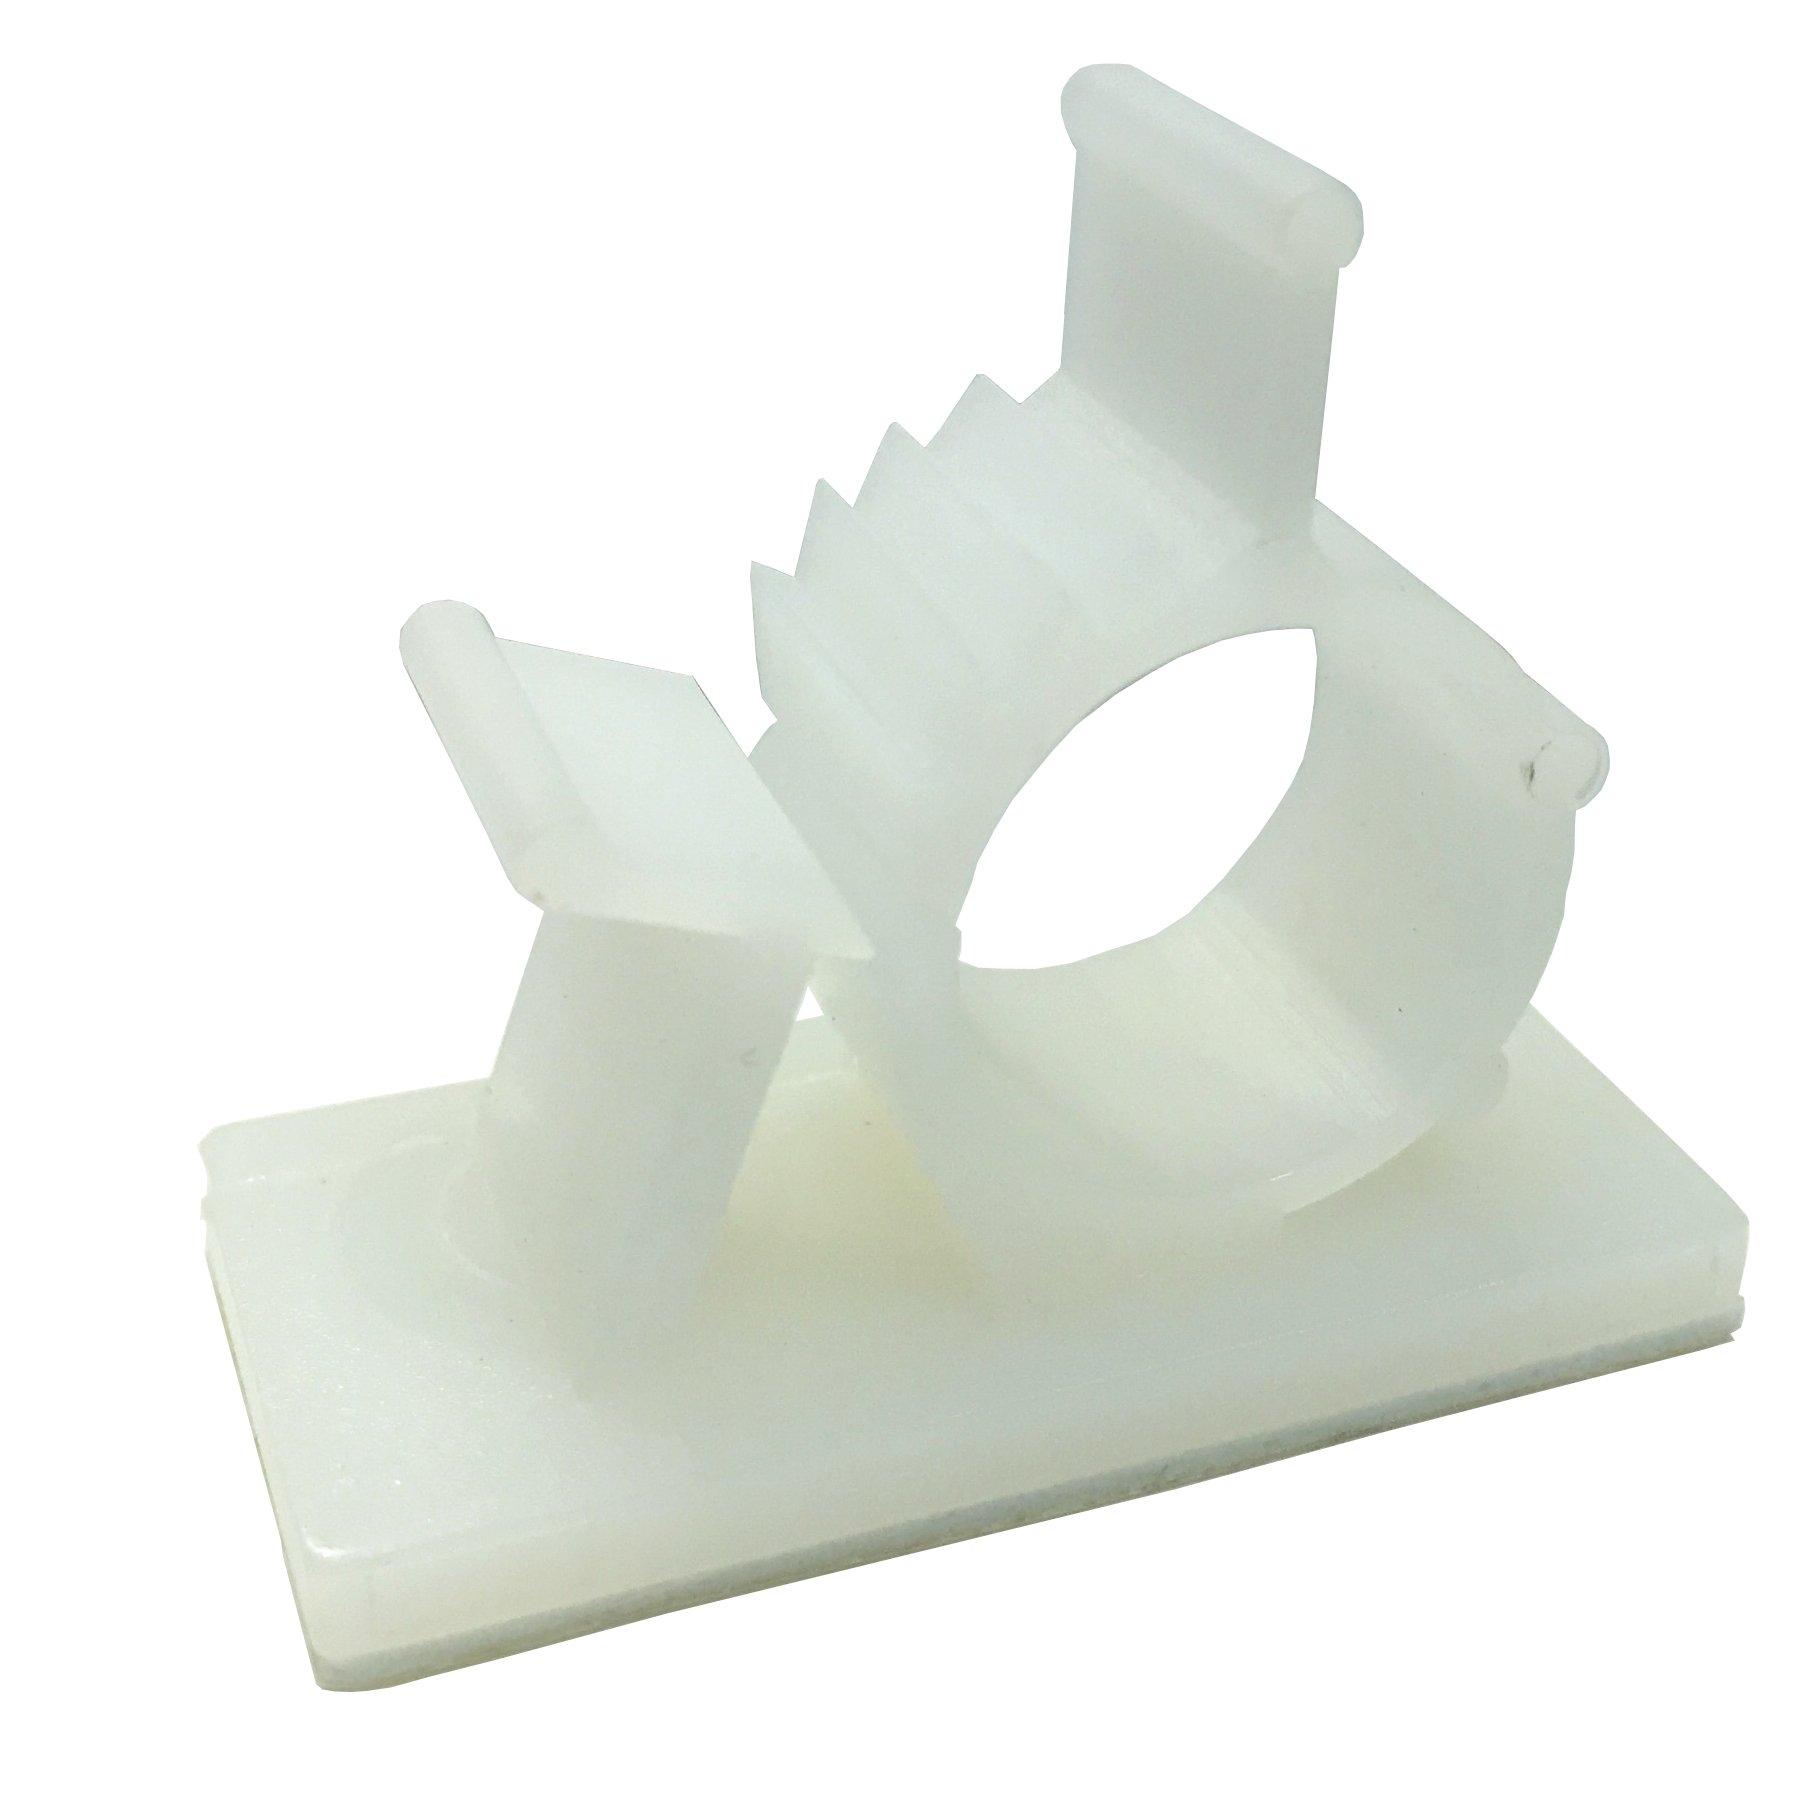 Gardner Bender GKK-1550 Plastic Kwik Clips UVB, Adjustable and Ratcheting, ½ in Dia, 4 Pk., White